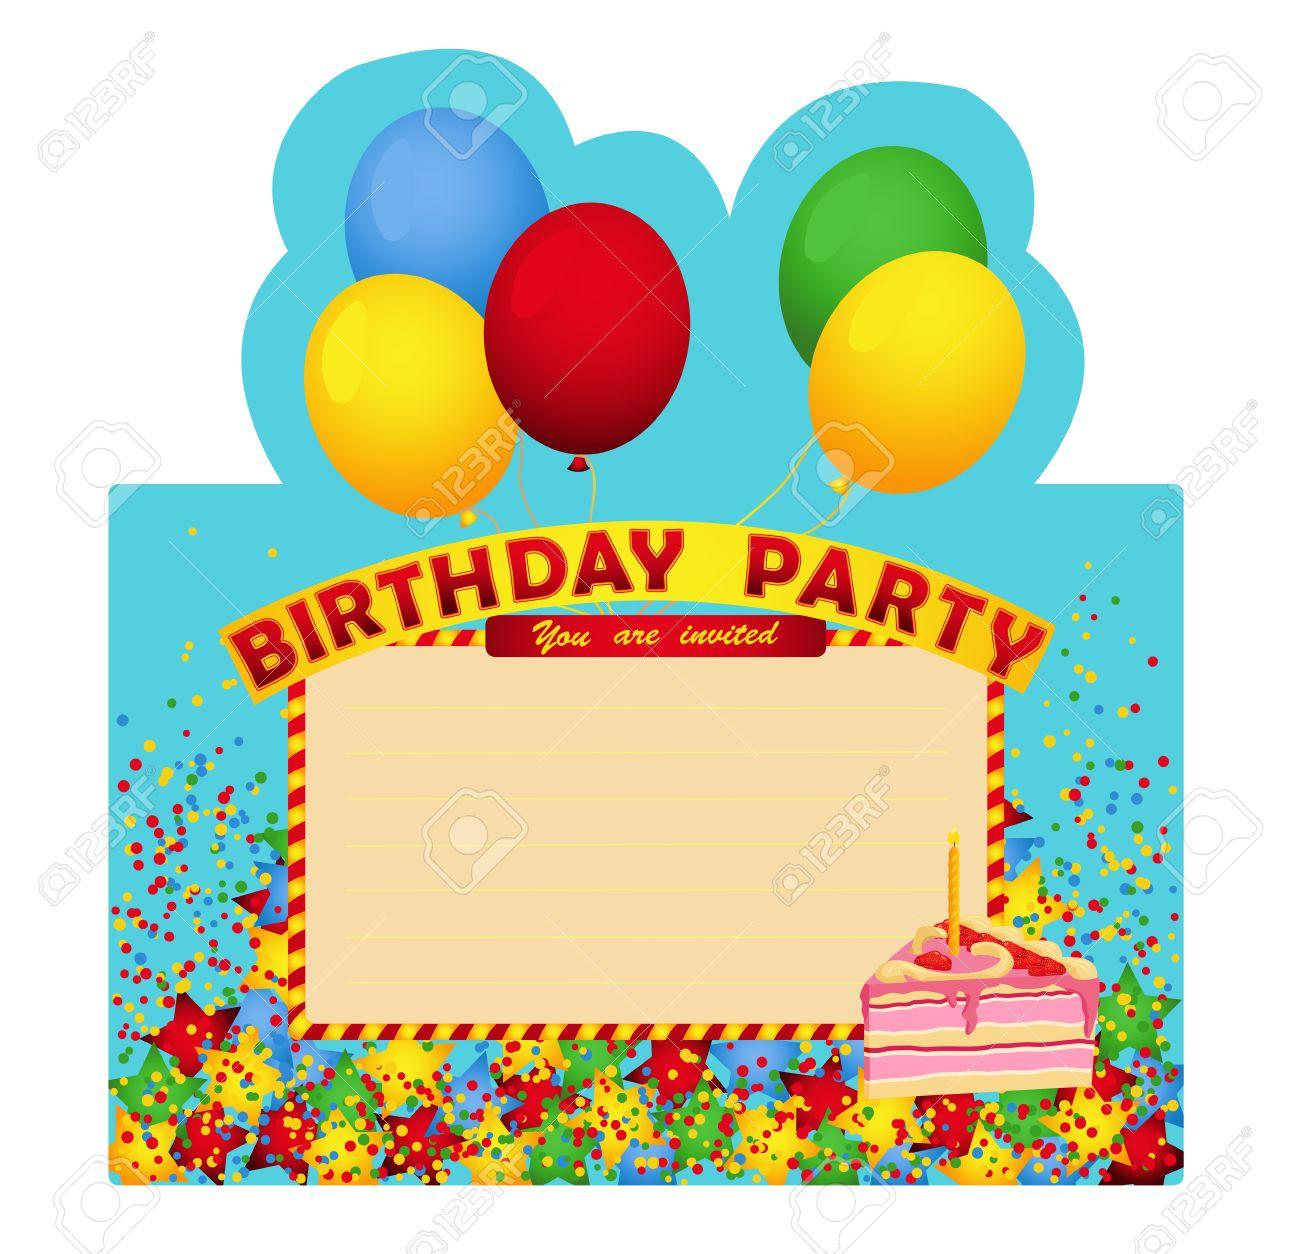 Tarjeta De Invitación De La Fiesta De Cumpleaños Con El Pedazo De La Torta Tarjeta De Invitación Para La Fiesta De Cumpleaños Decorado Con Globos